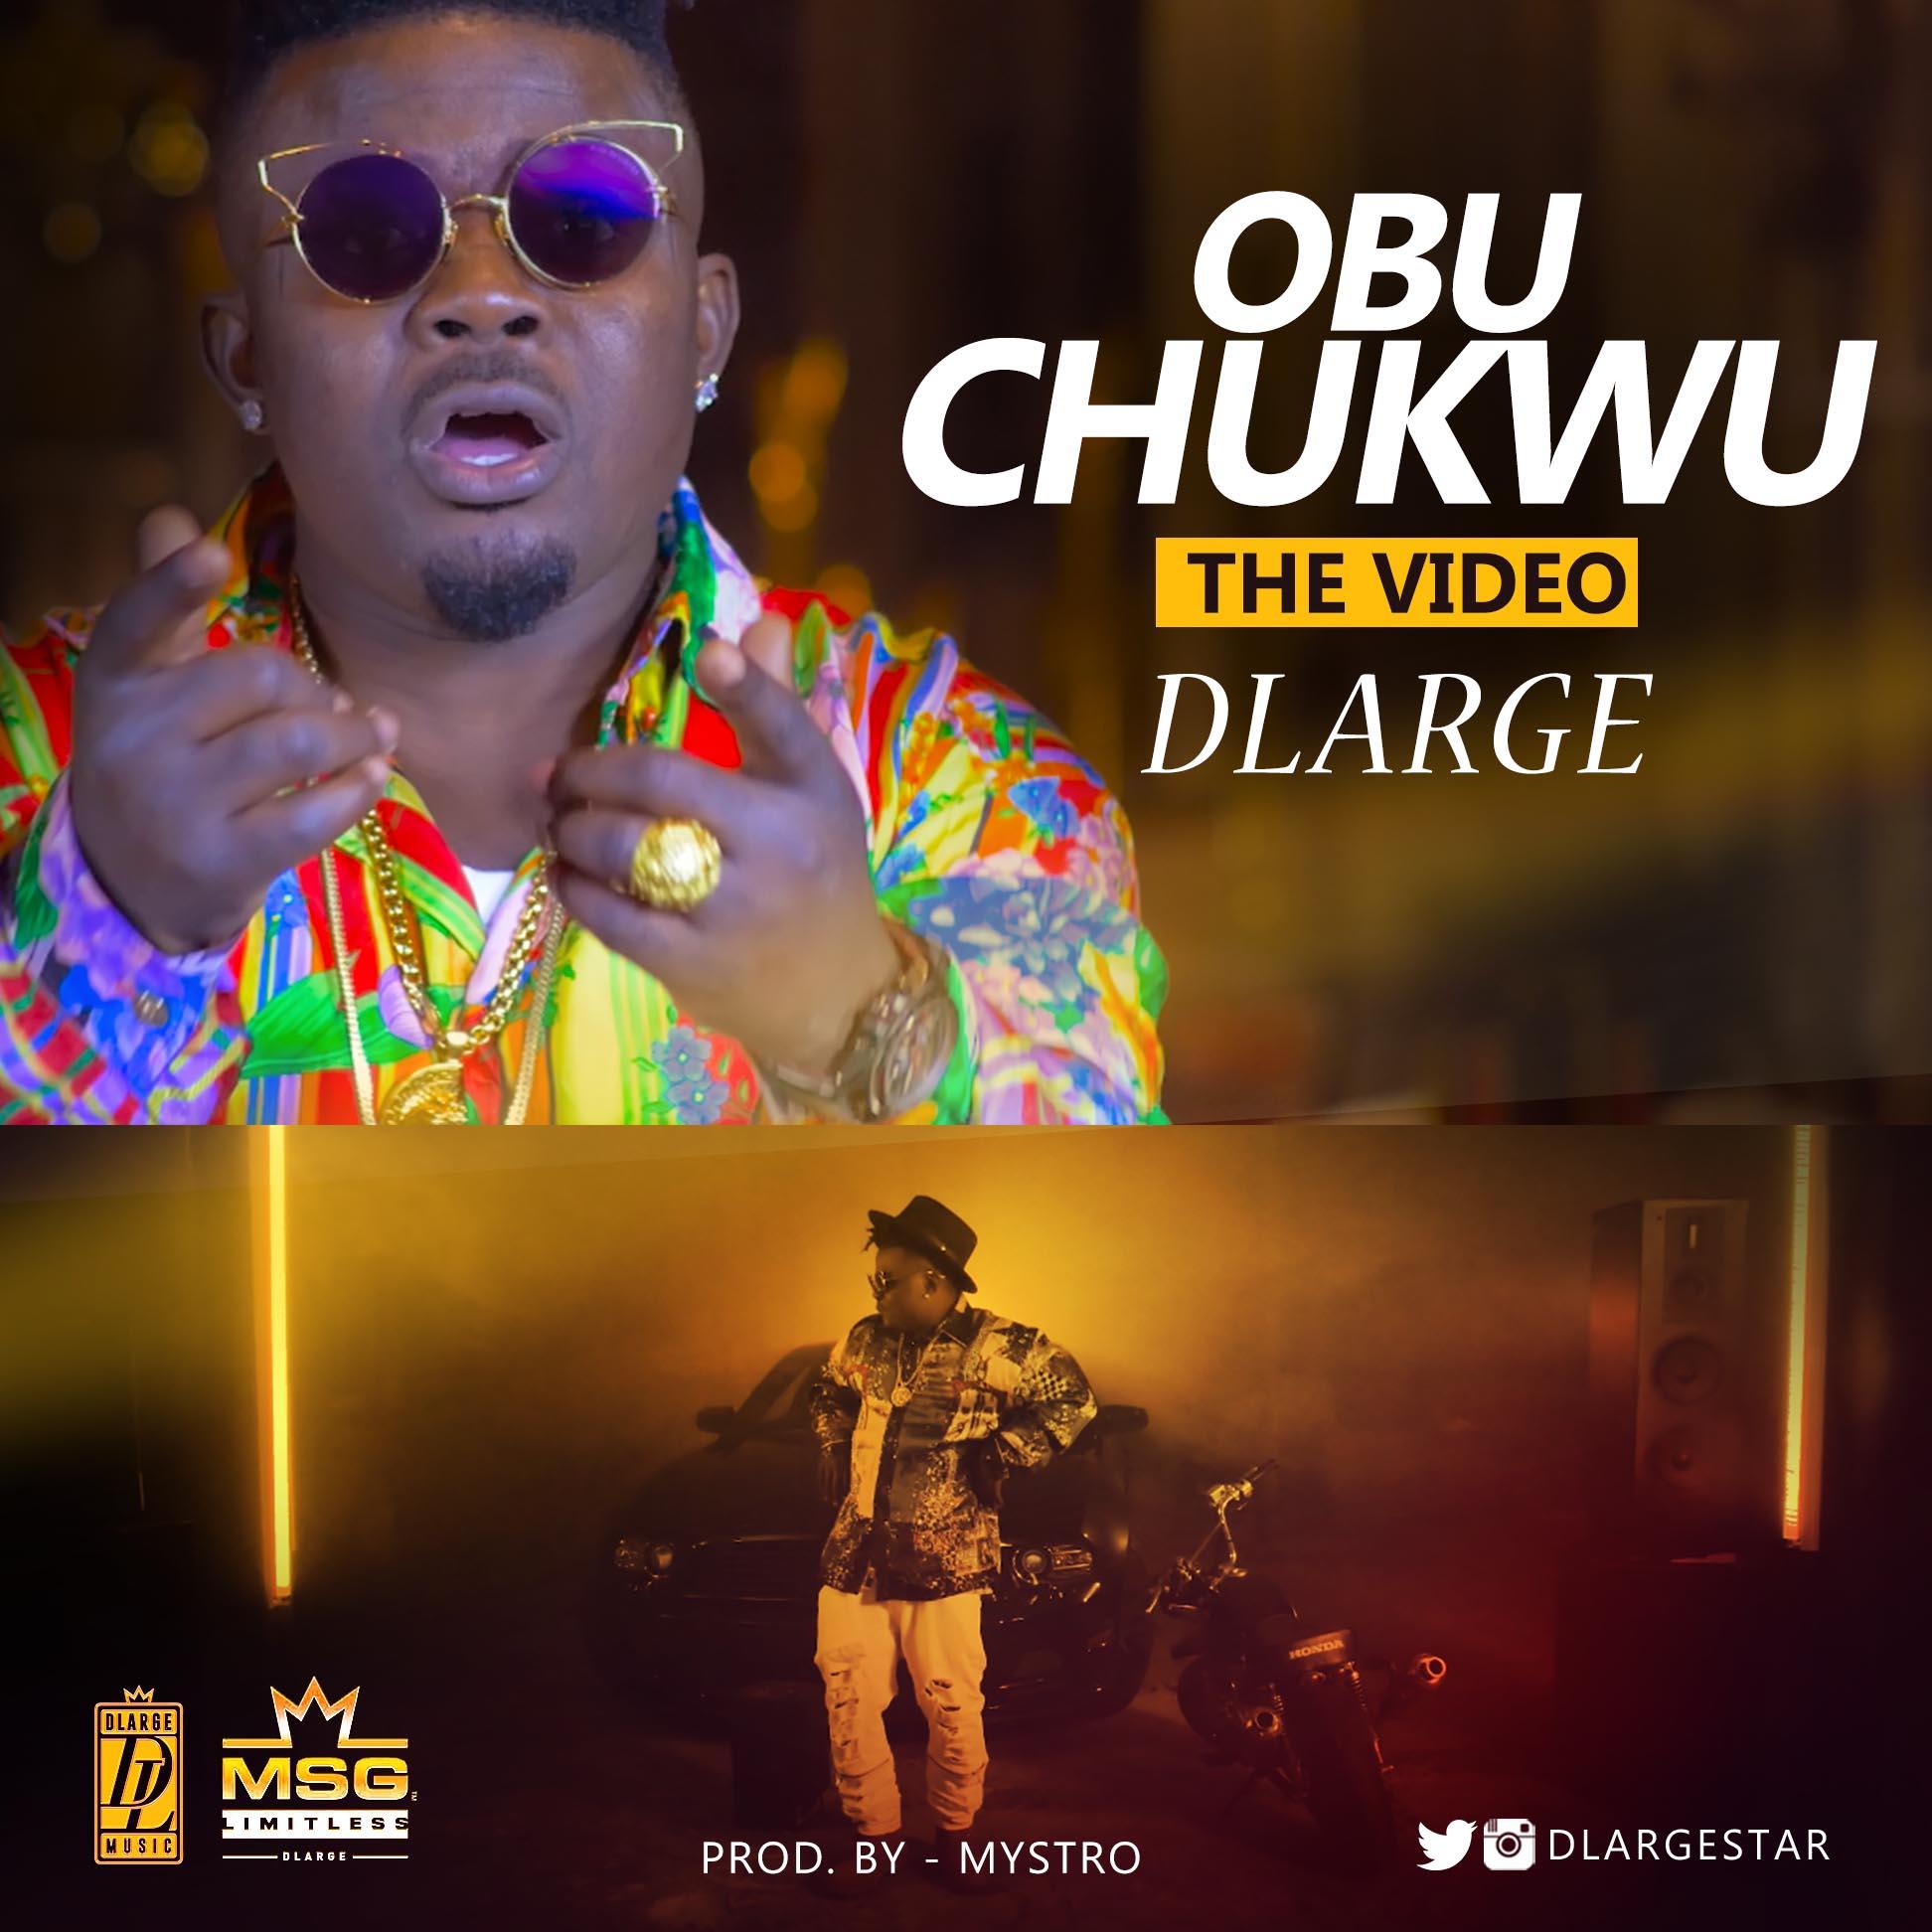 VIDEO: DLarge – Obu Chukwu